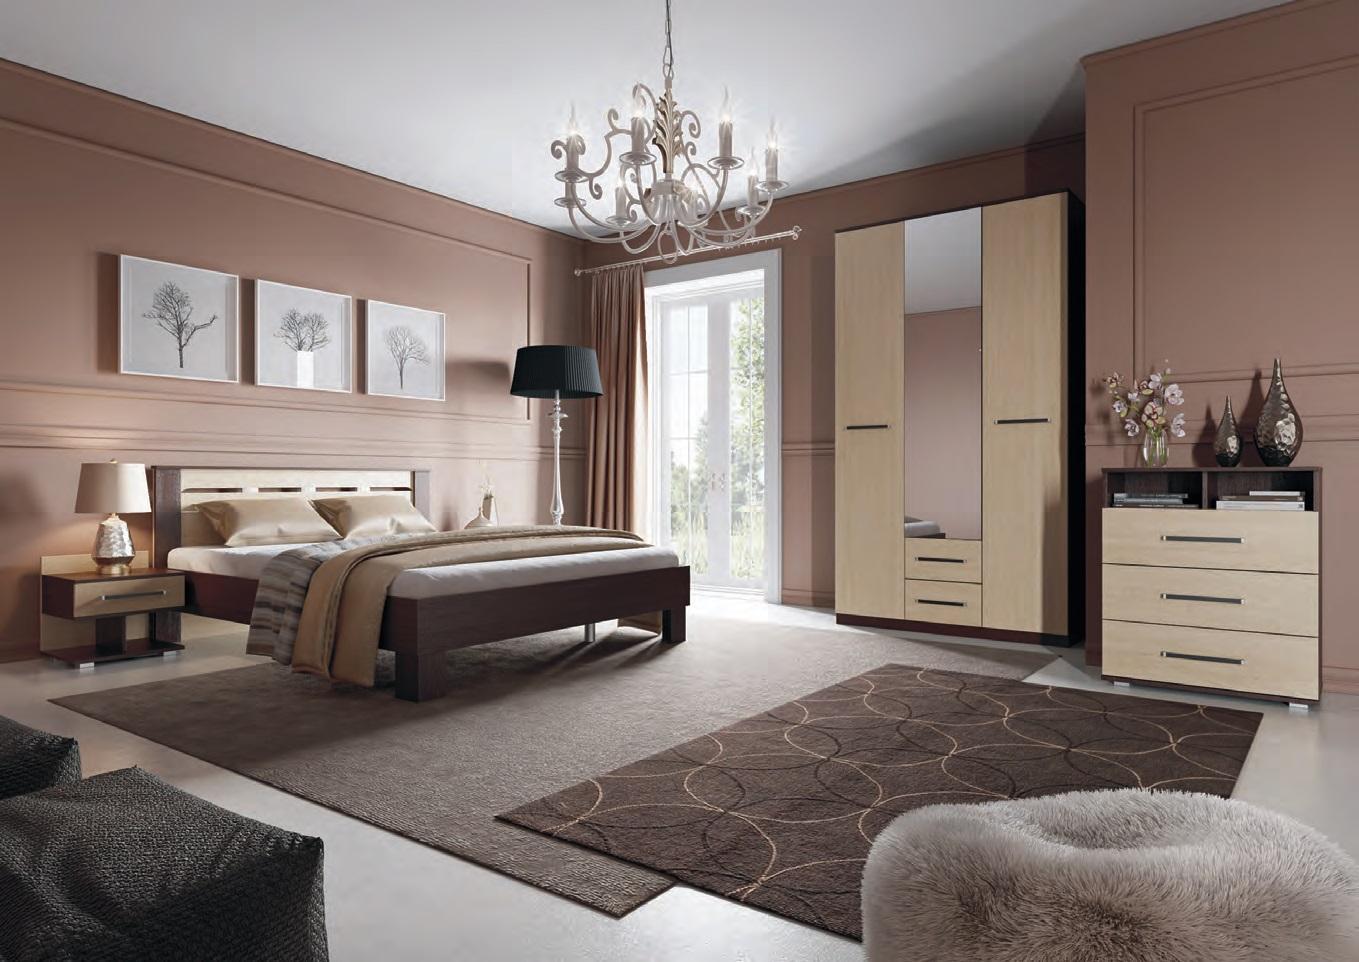 Спальный гарнитур в современном дизайне